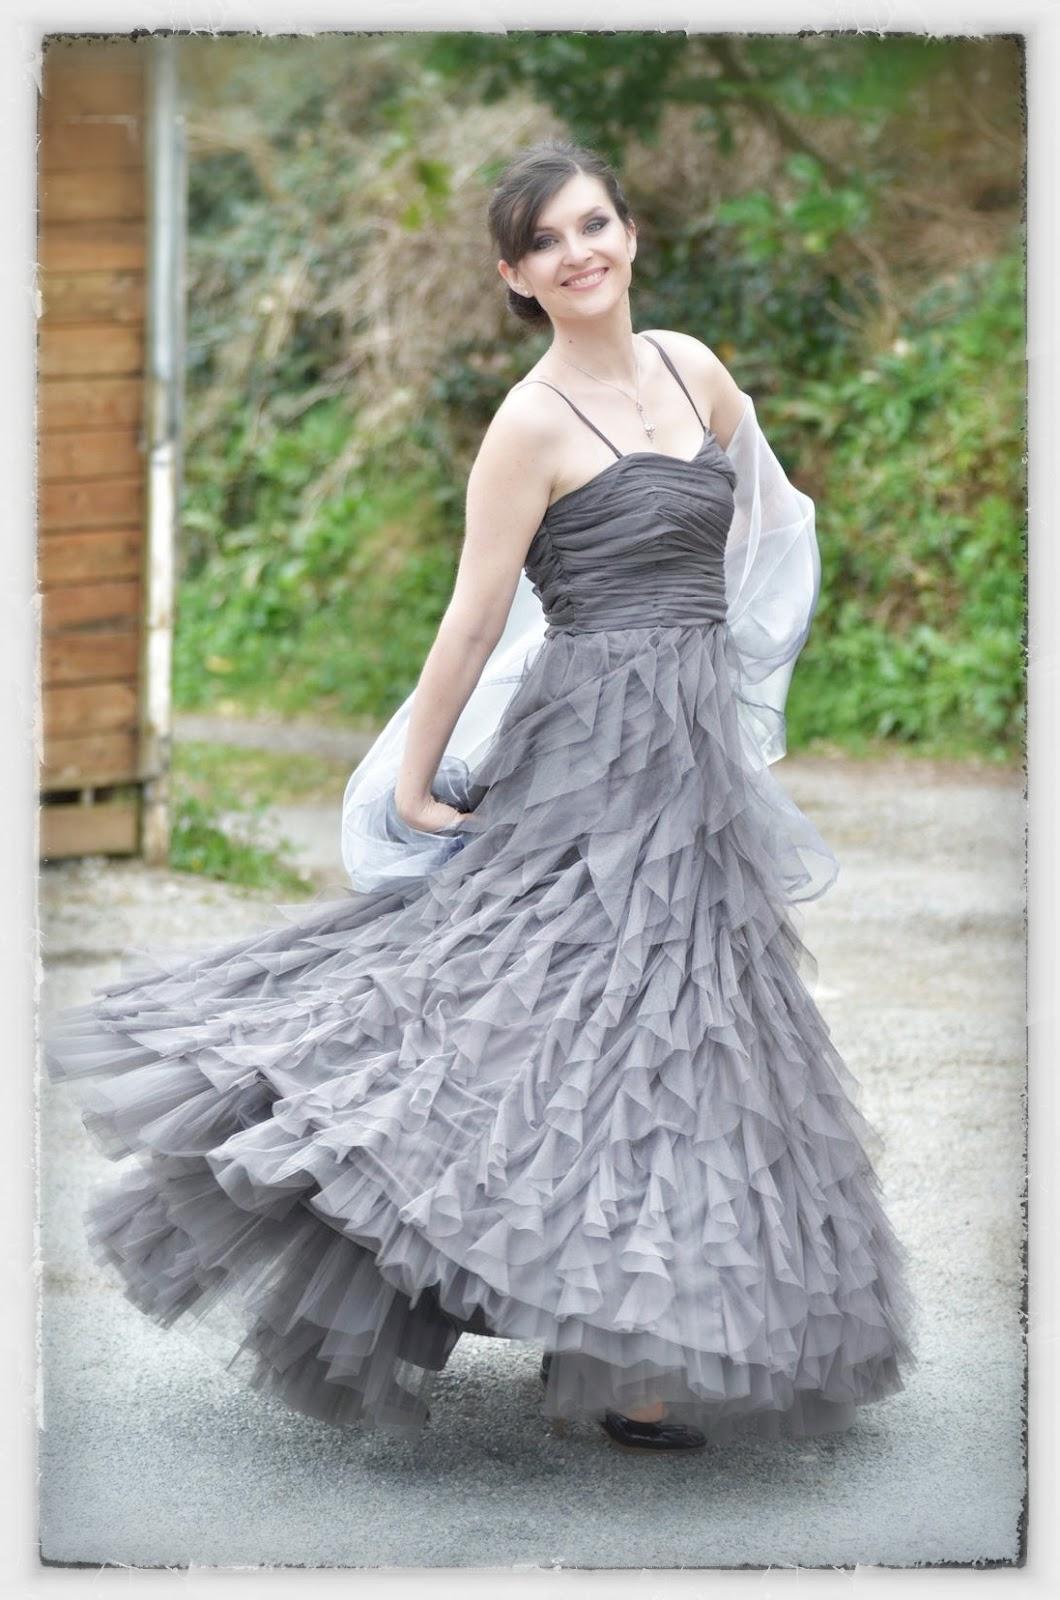 Robes grises pour les mariages